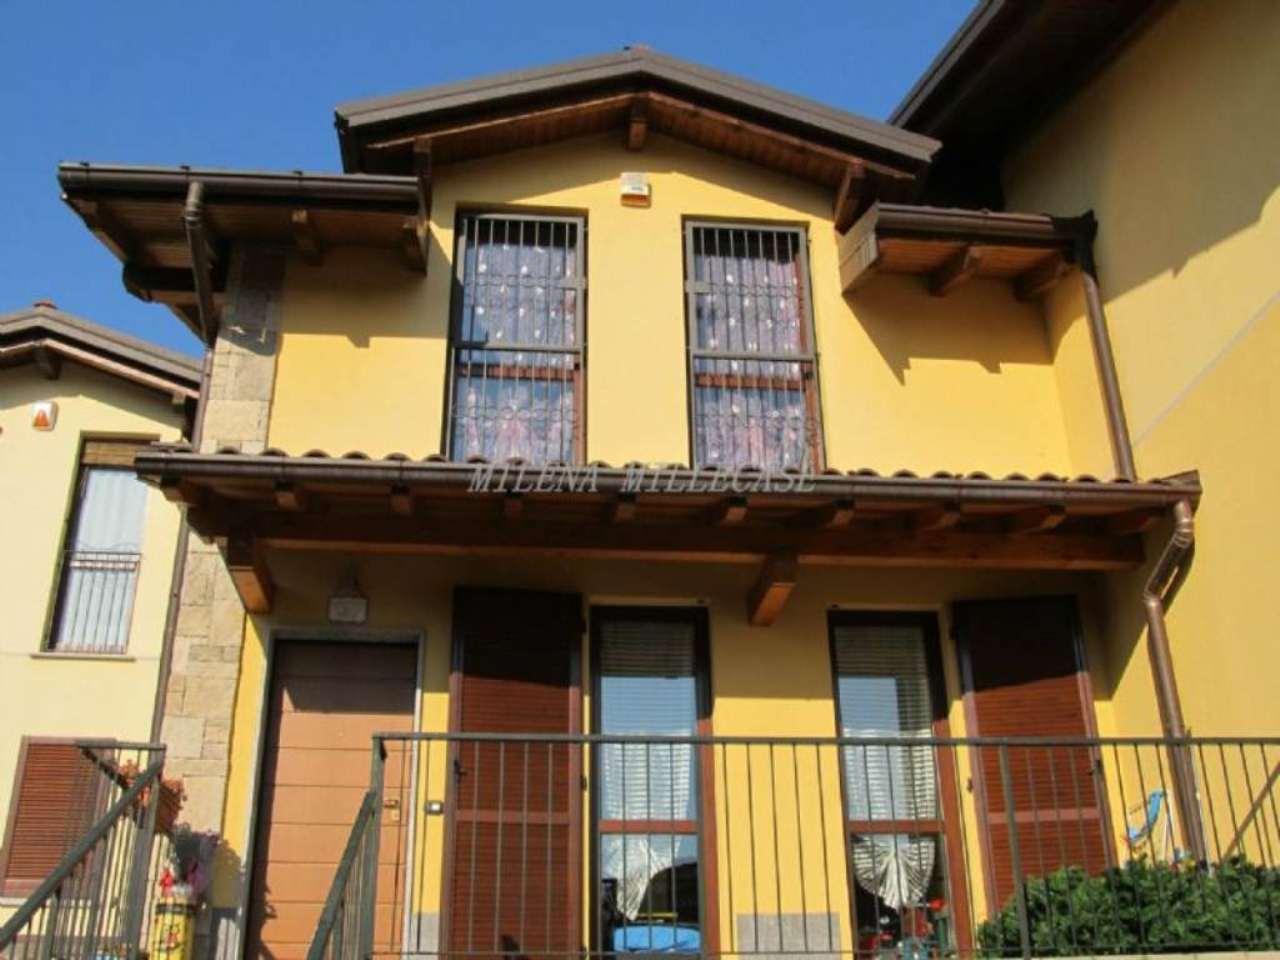 casa varese appartamenti e case in vendita pag 9